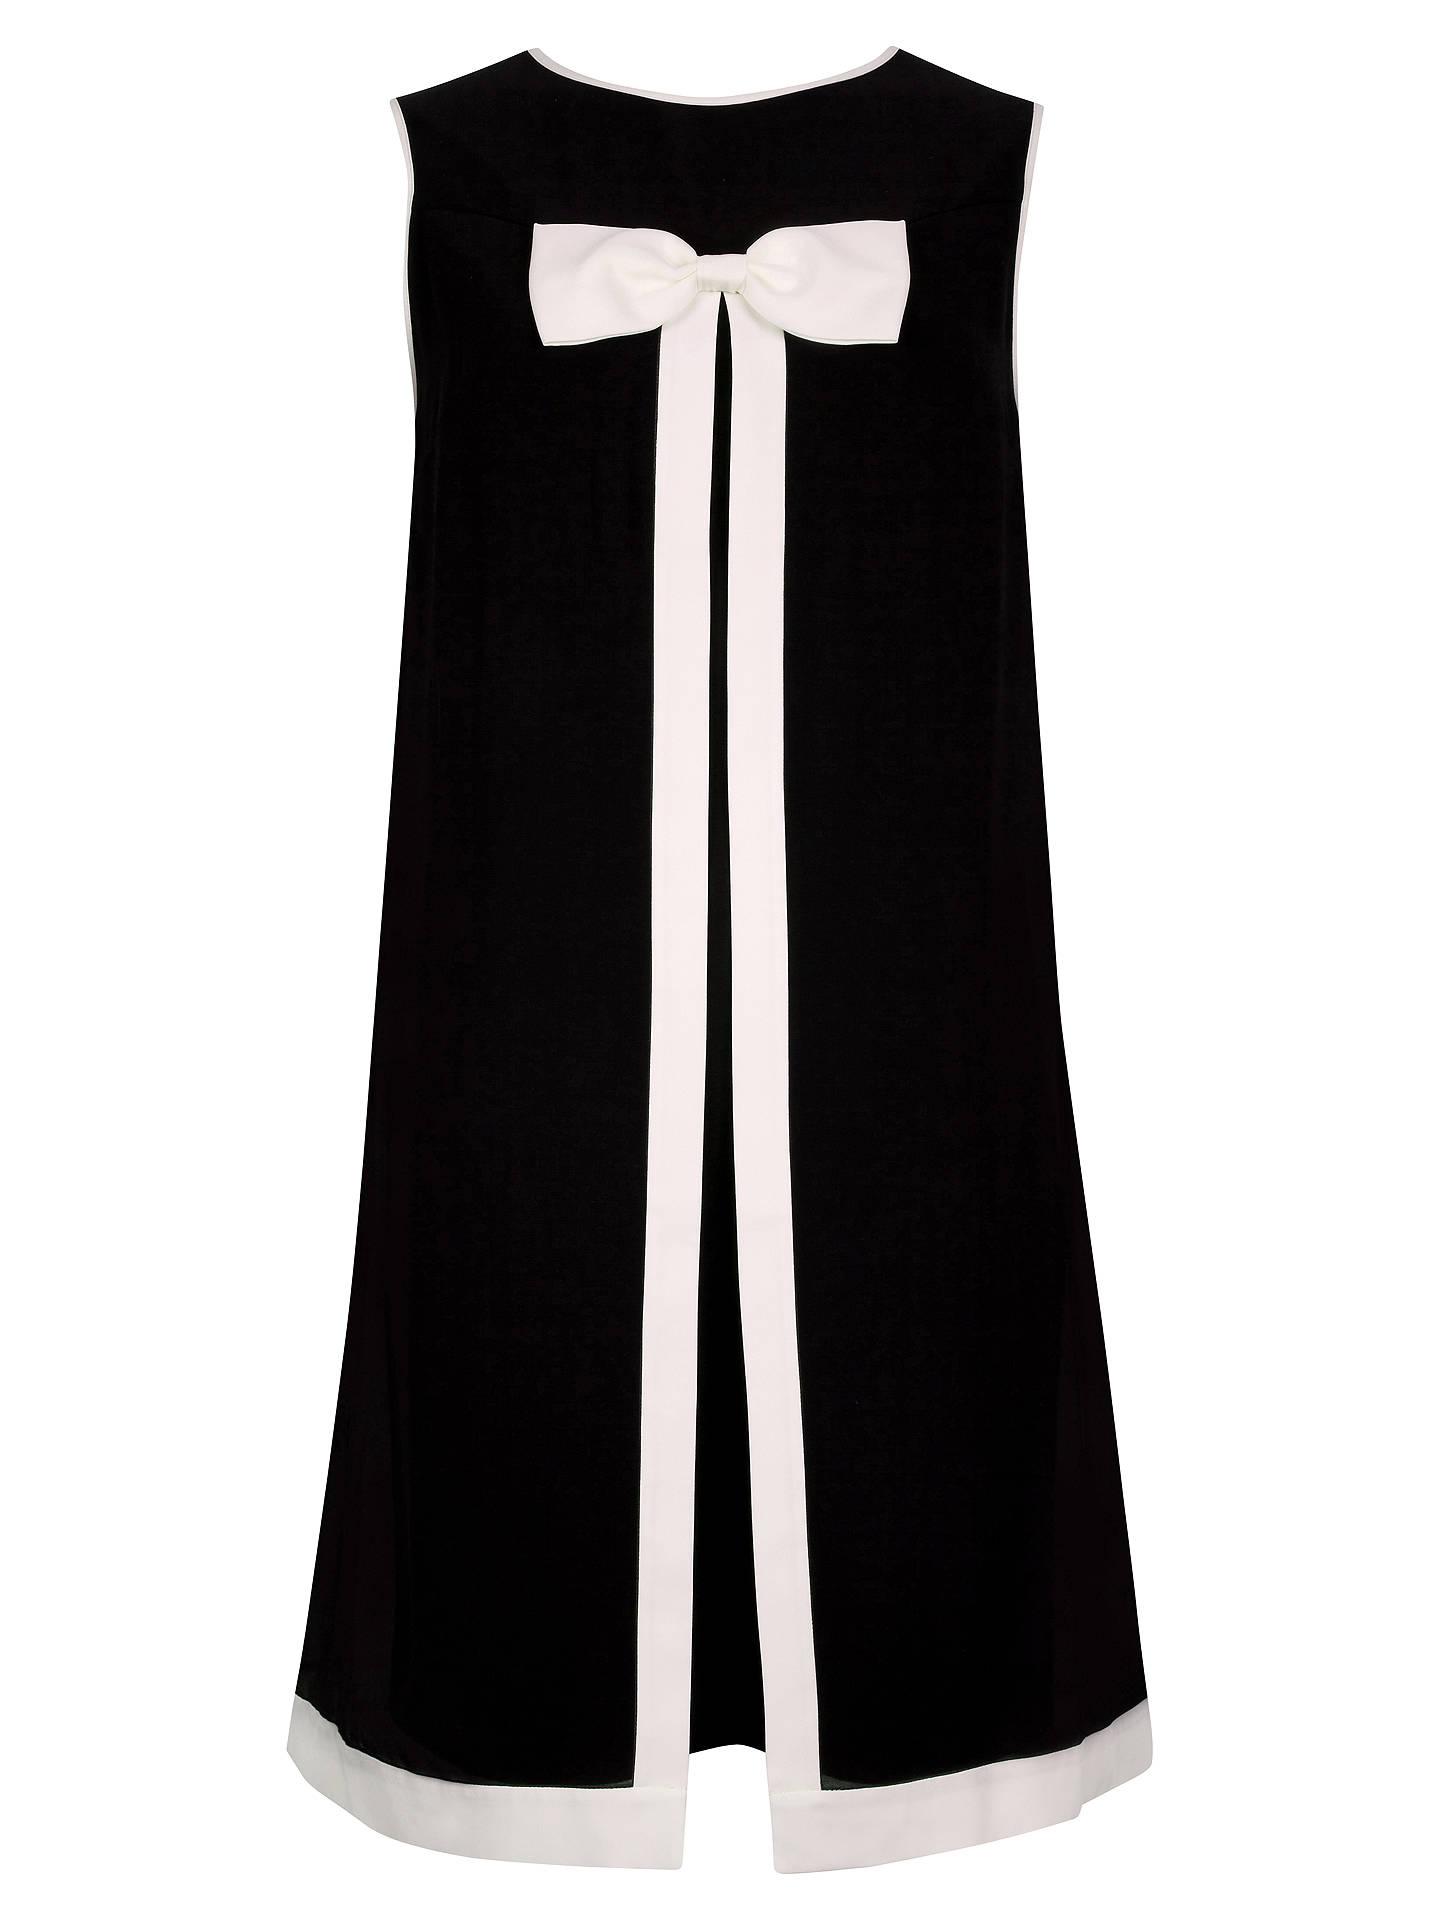 c562996c36f9 Buy Ted Baker Bow Detail Swing Dress